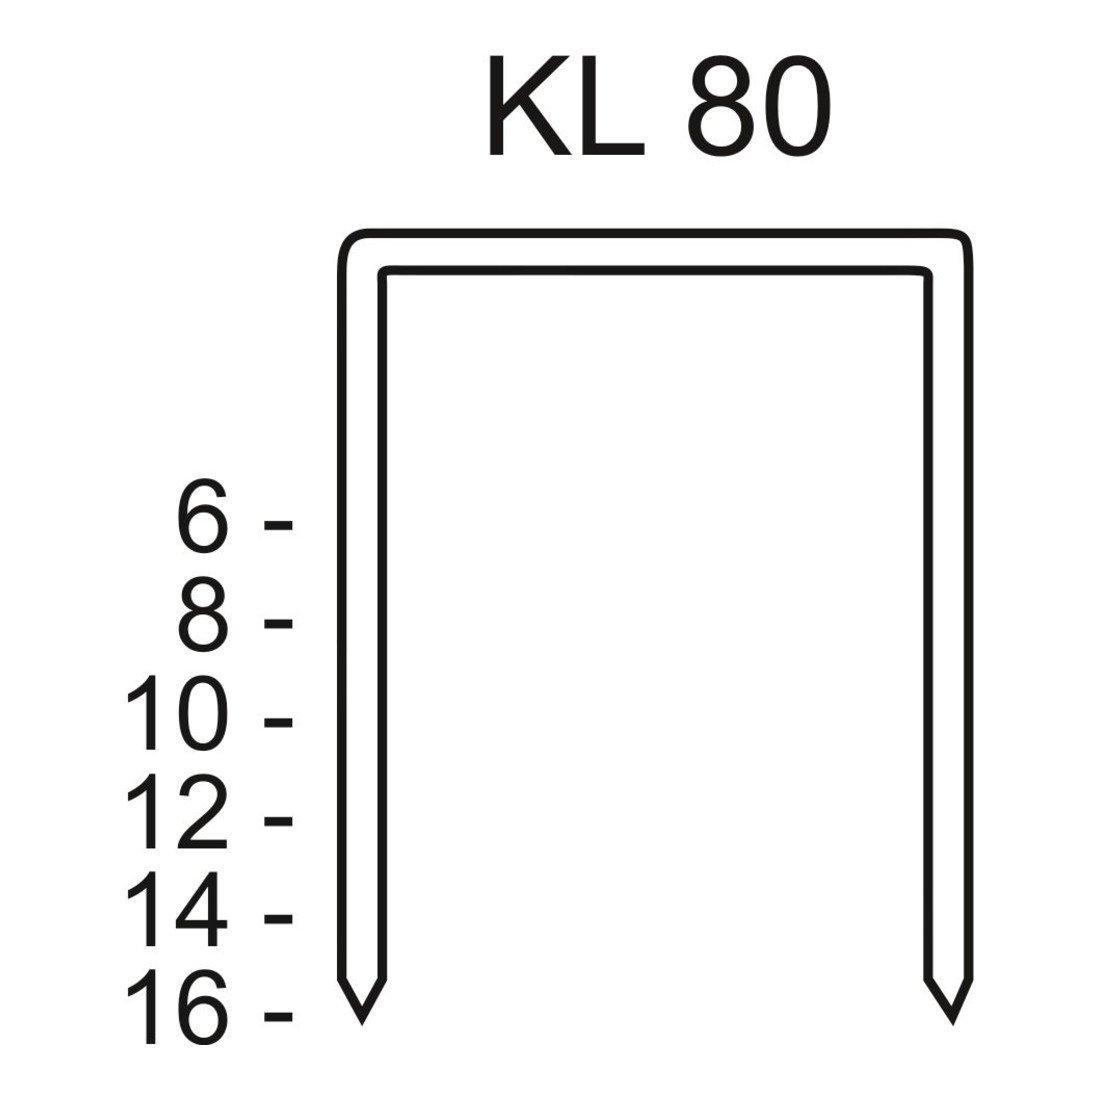 Schneider C420005 Heftklammern KL 80/10 CNK, 3000-Stü ck